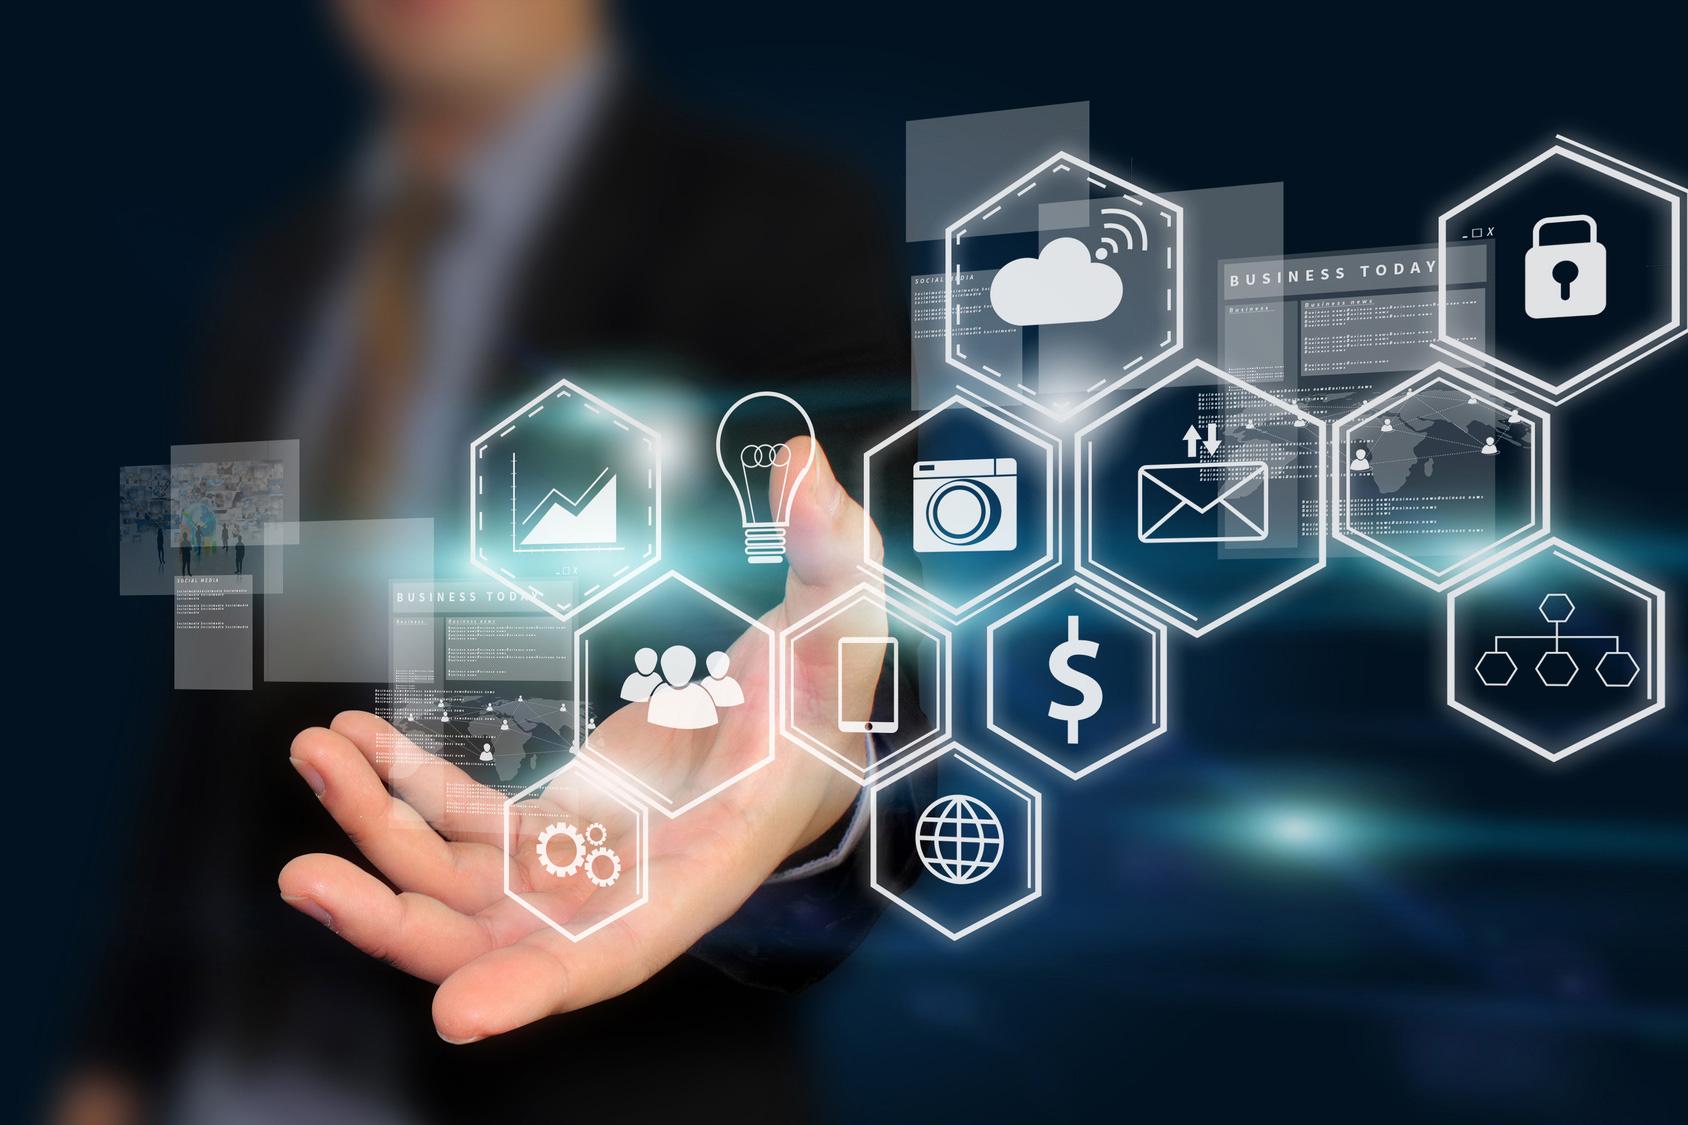 金融服務機構的競爭對手,還包括虛擬銀行等愈來愈多靈活的數碼化顛覆者。(網上圖片)